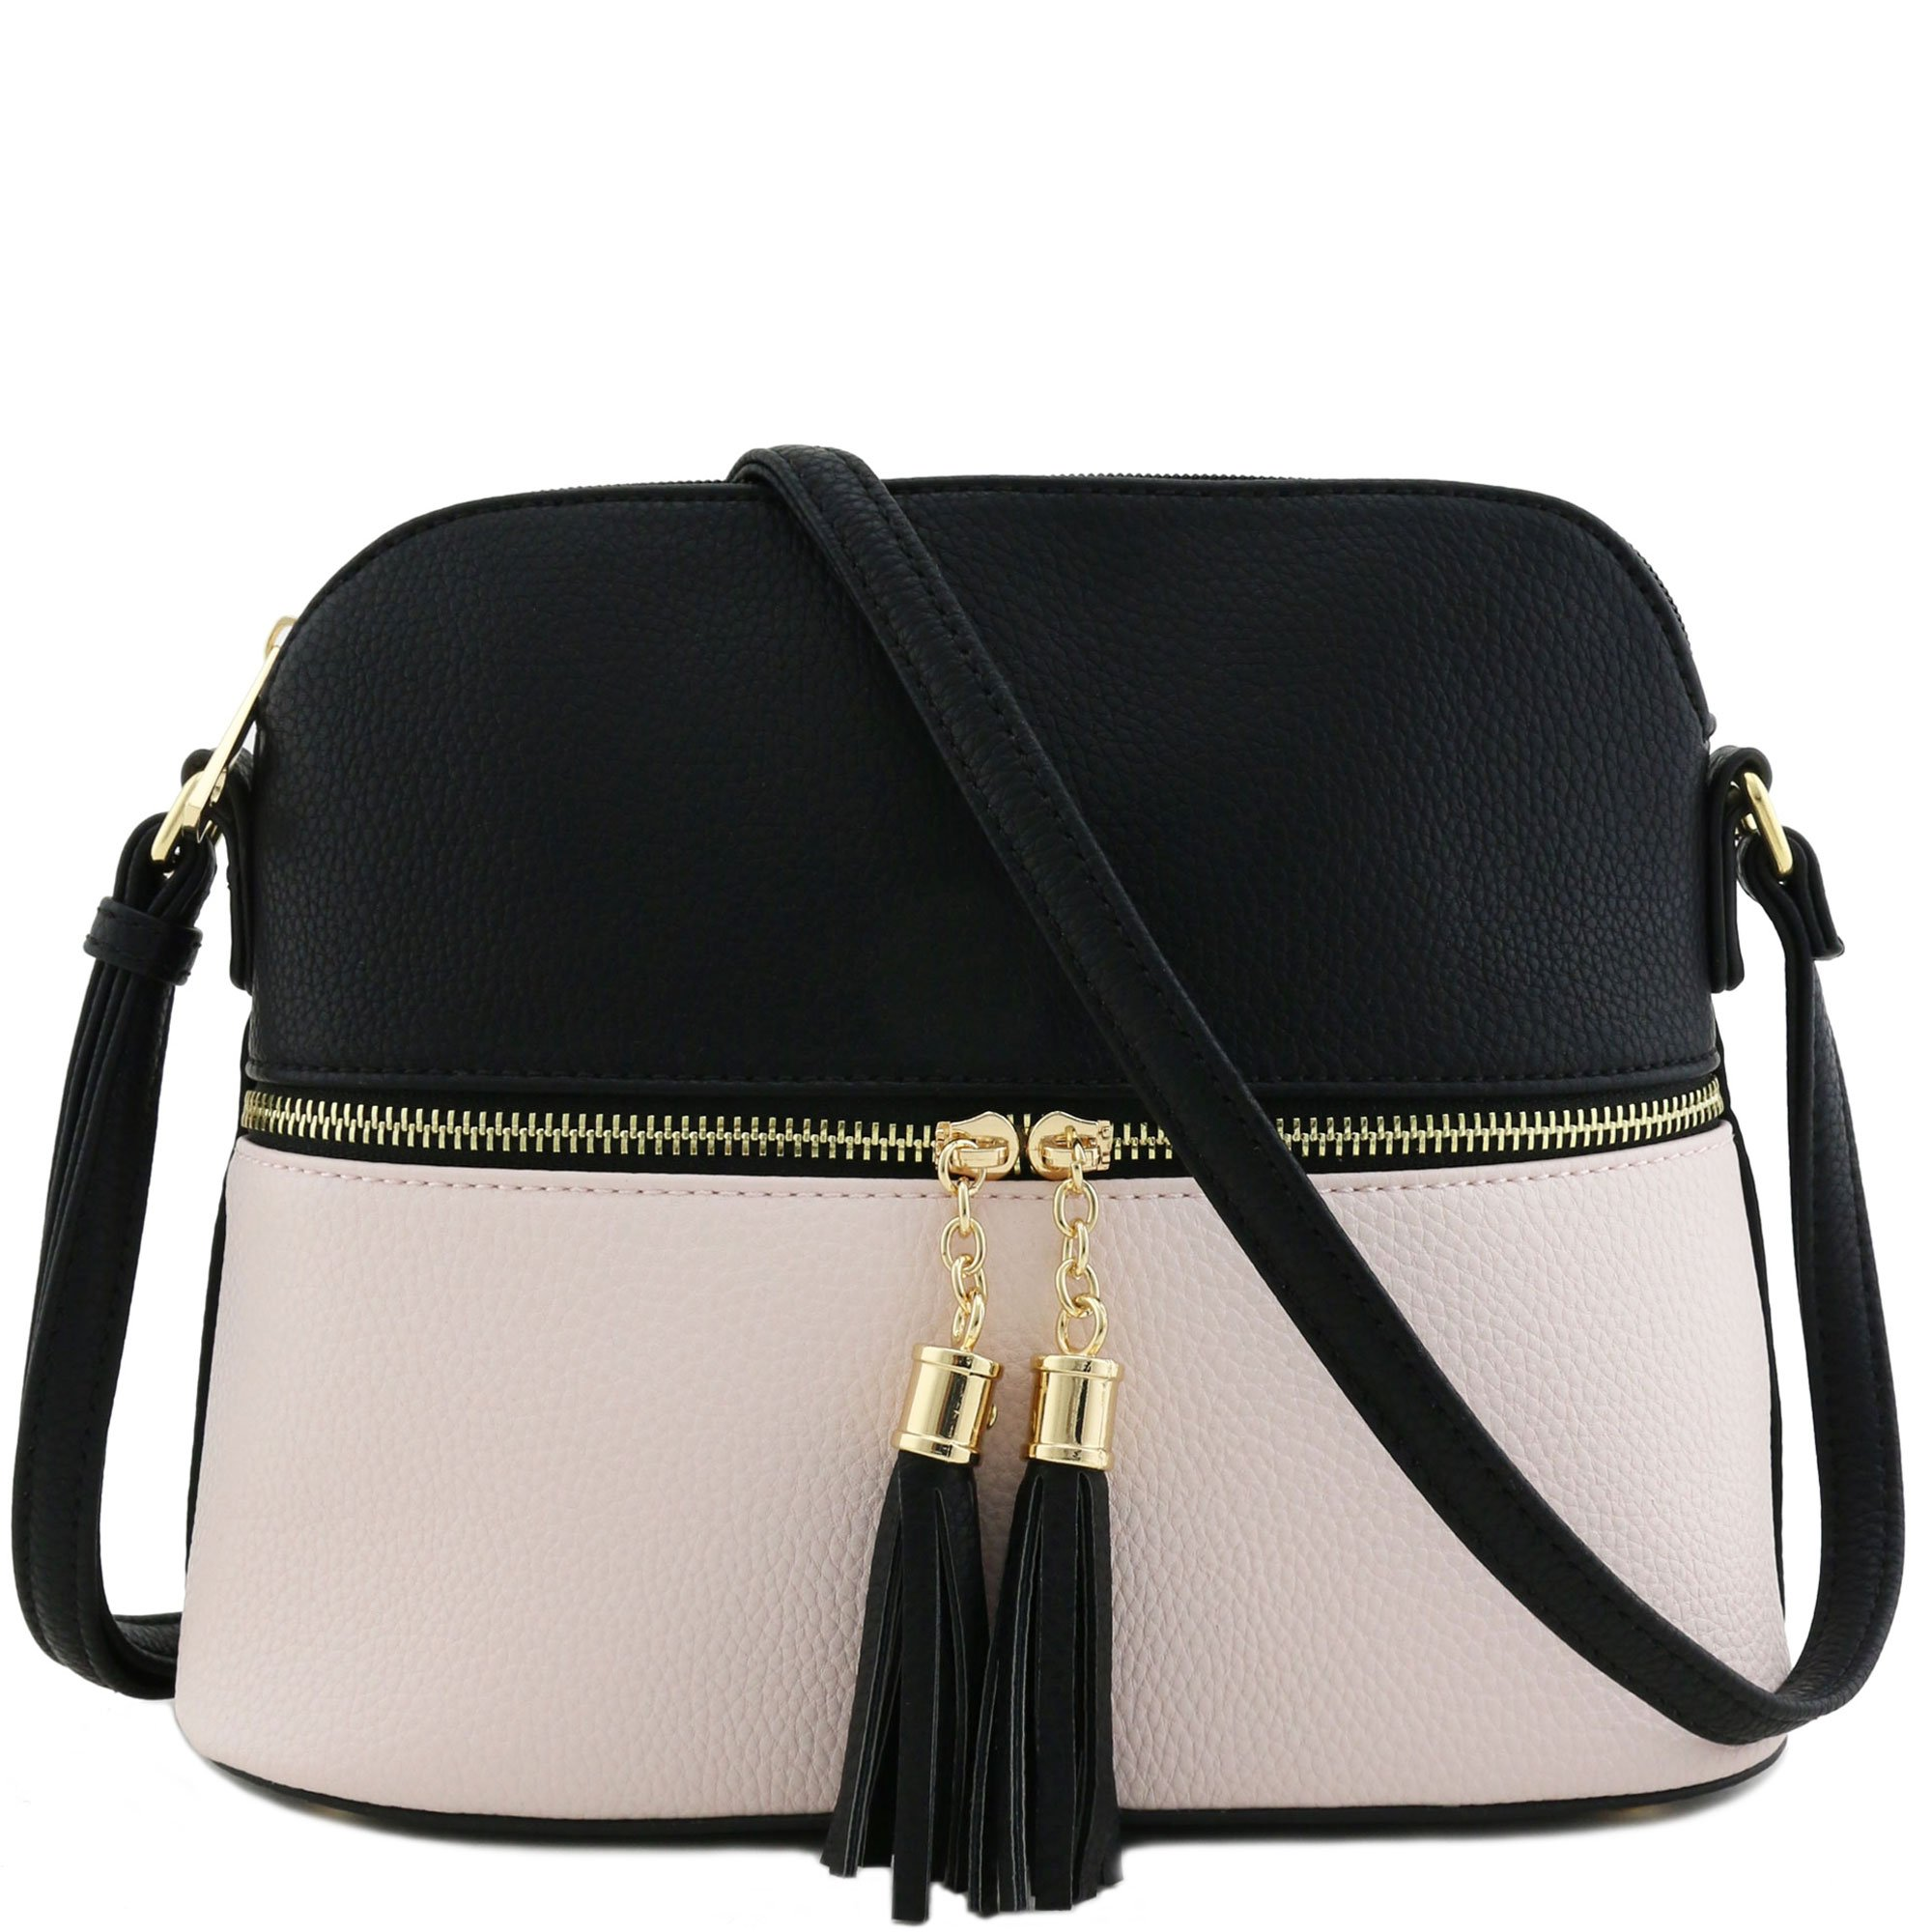 Tassel Zipper Pocket Crossbody Bag (Black/Light Nude)